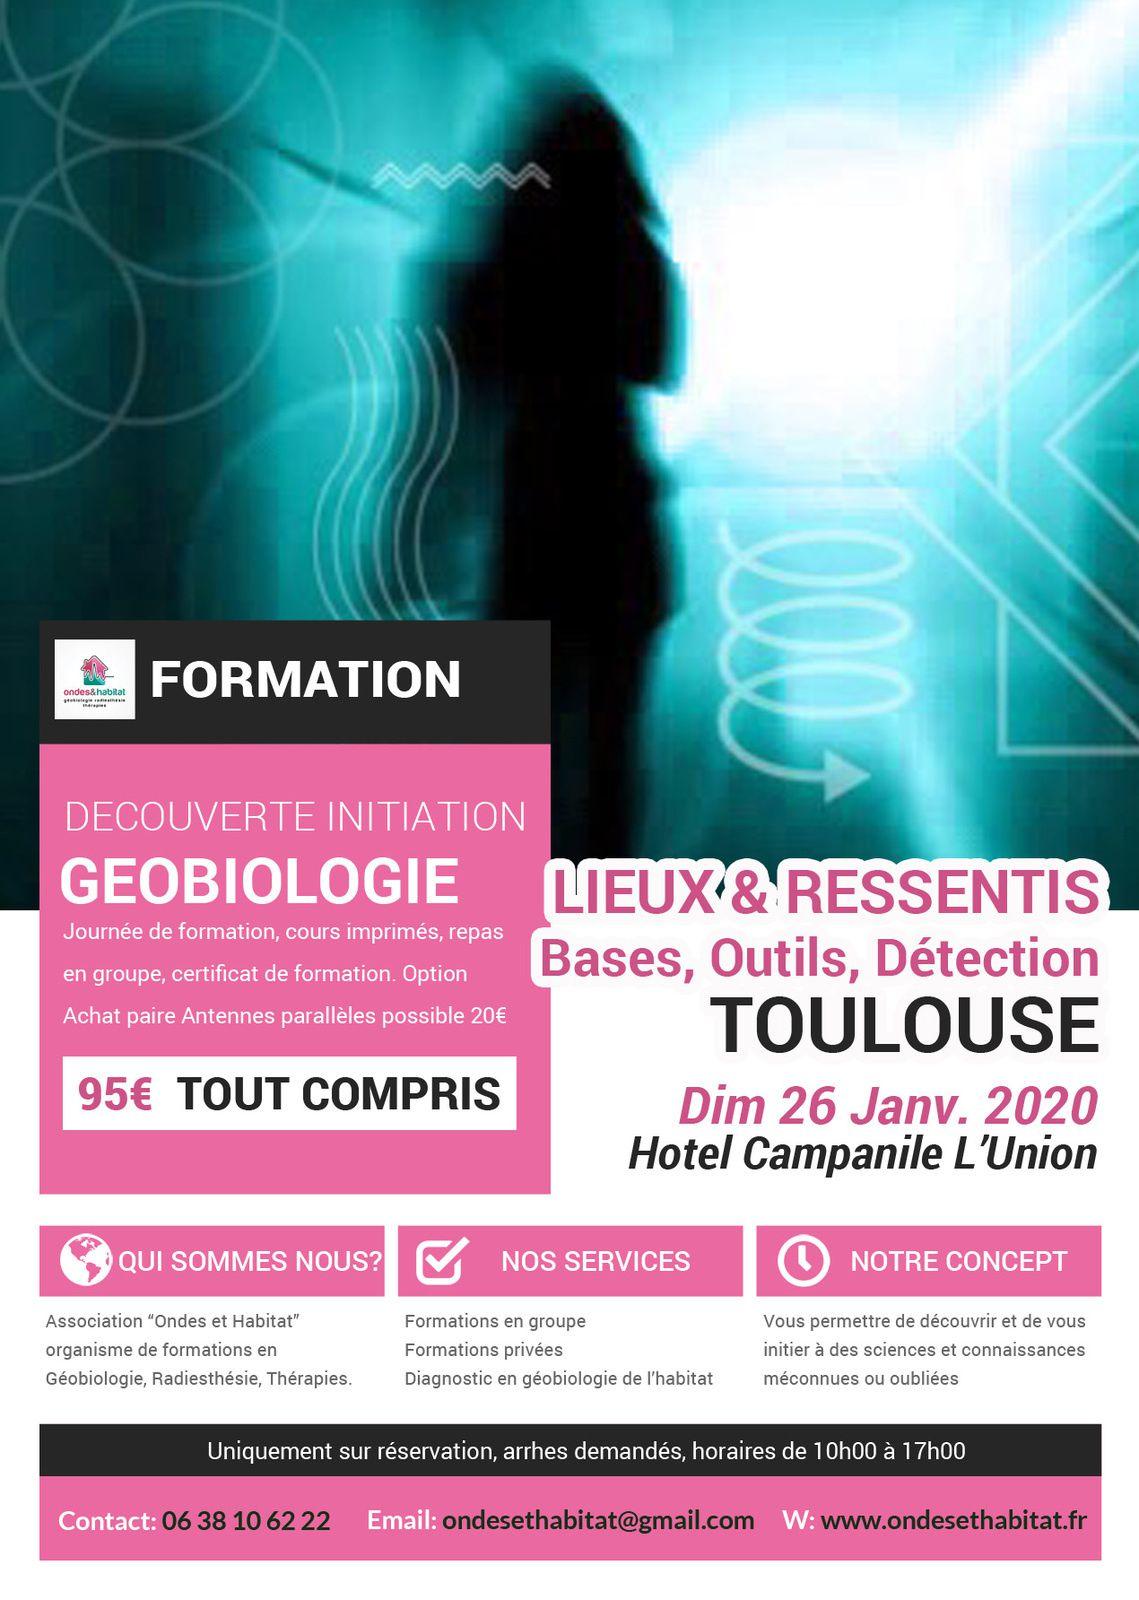 NOUVEAU TOULOUSE Formation « LIEUX & RESSENTIS» GEOBIOLOGIE 26 janvier 2020